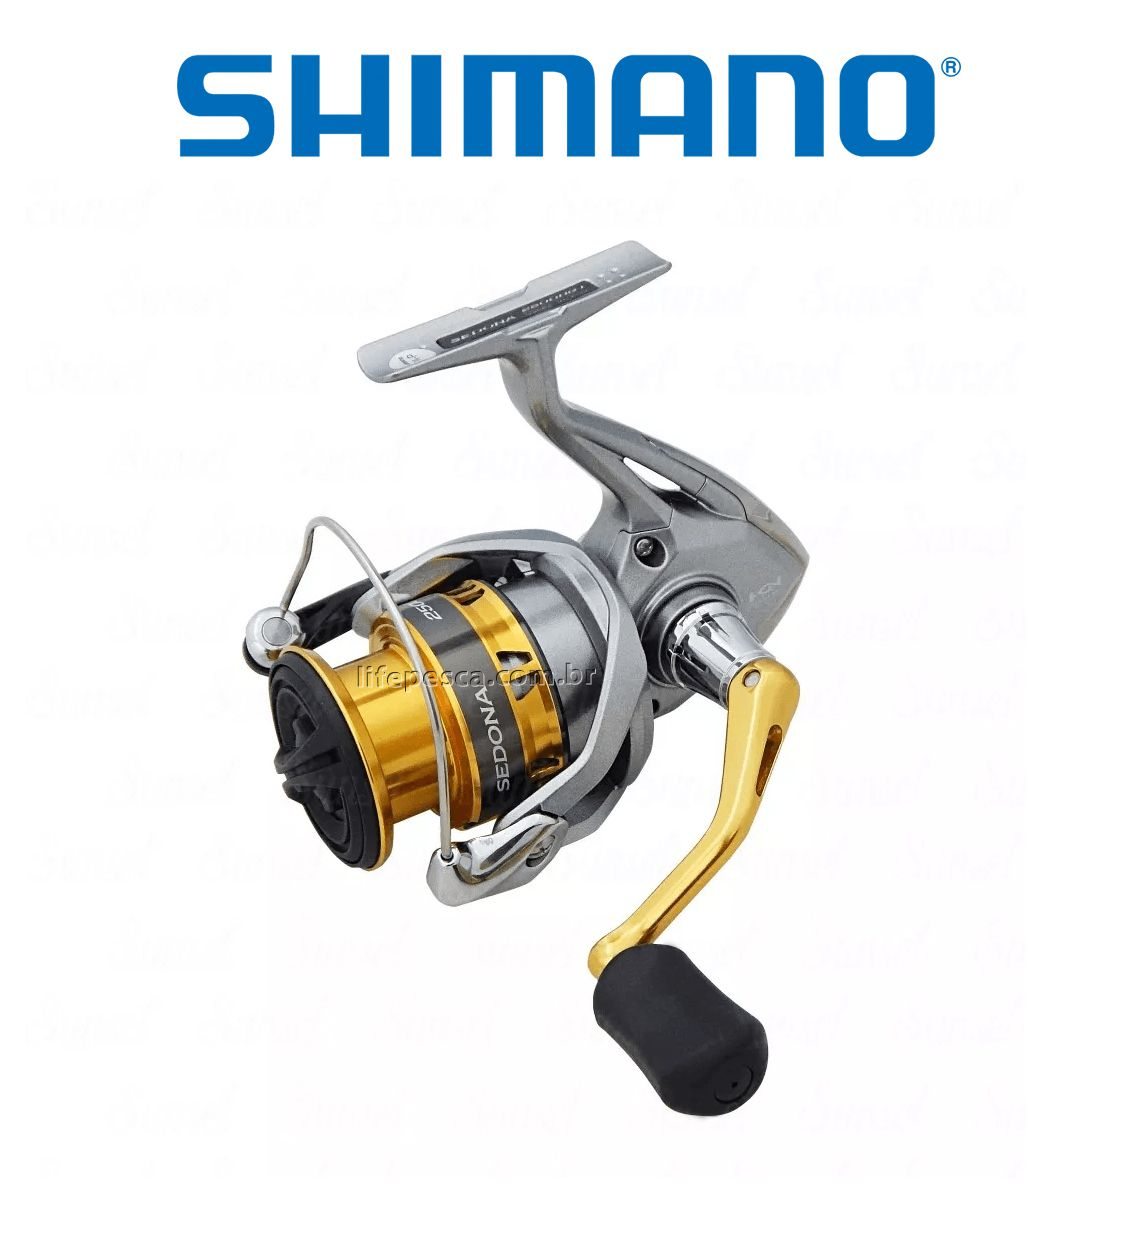 Molinete Shimano Sedona FI C5000 XG  - Life Pesca - Sua loja de Pesca, Camping e Lazer